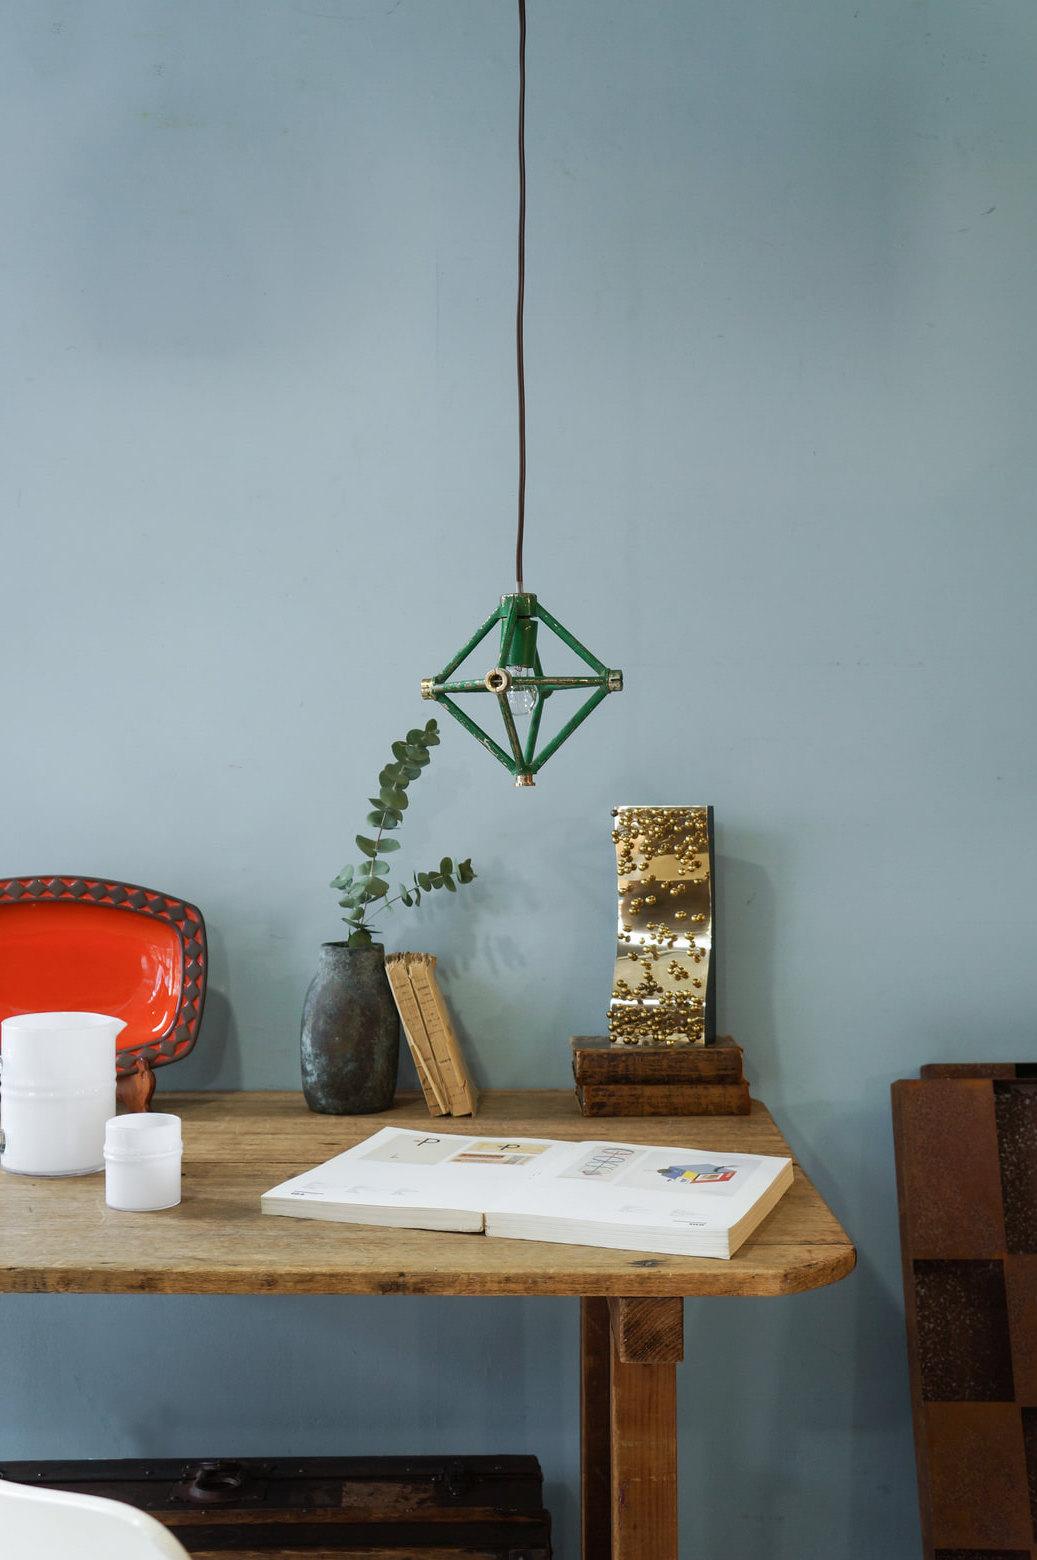 Industrial Design Pendant Light/ペンダントライト インダストリアル デザイン 間接照明 ランプ インテリア